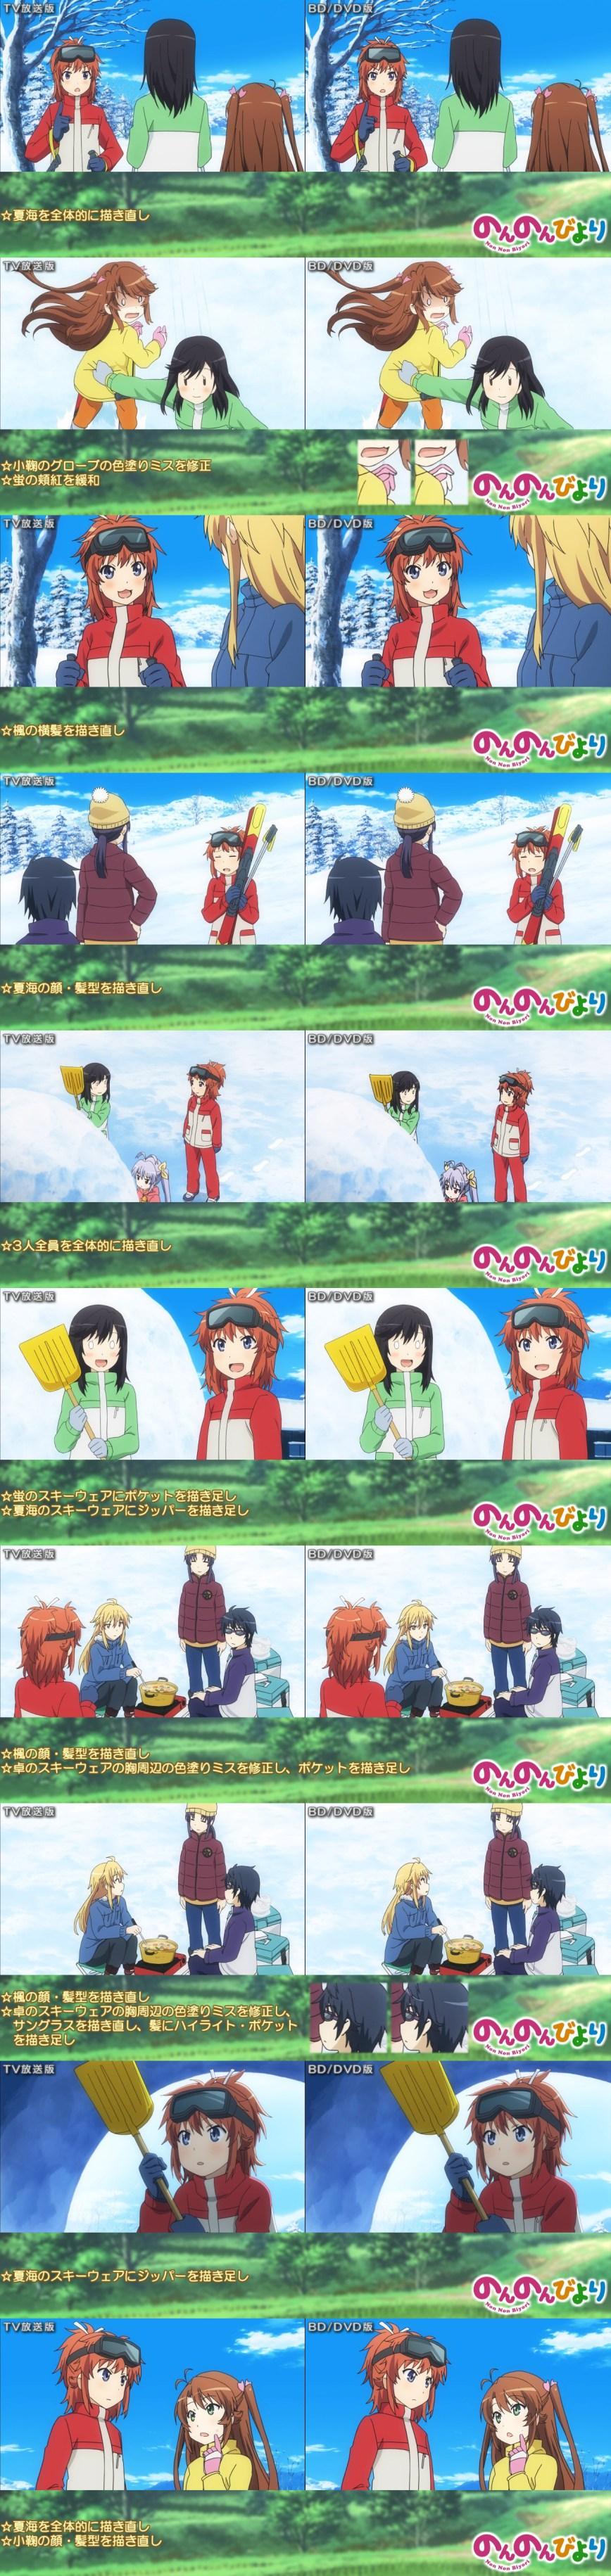 Non-Non-Biyori-TV-and-Blu-ray-Comparisons-Episode-11-5